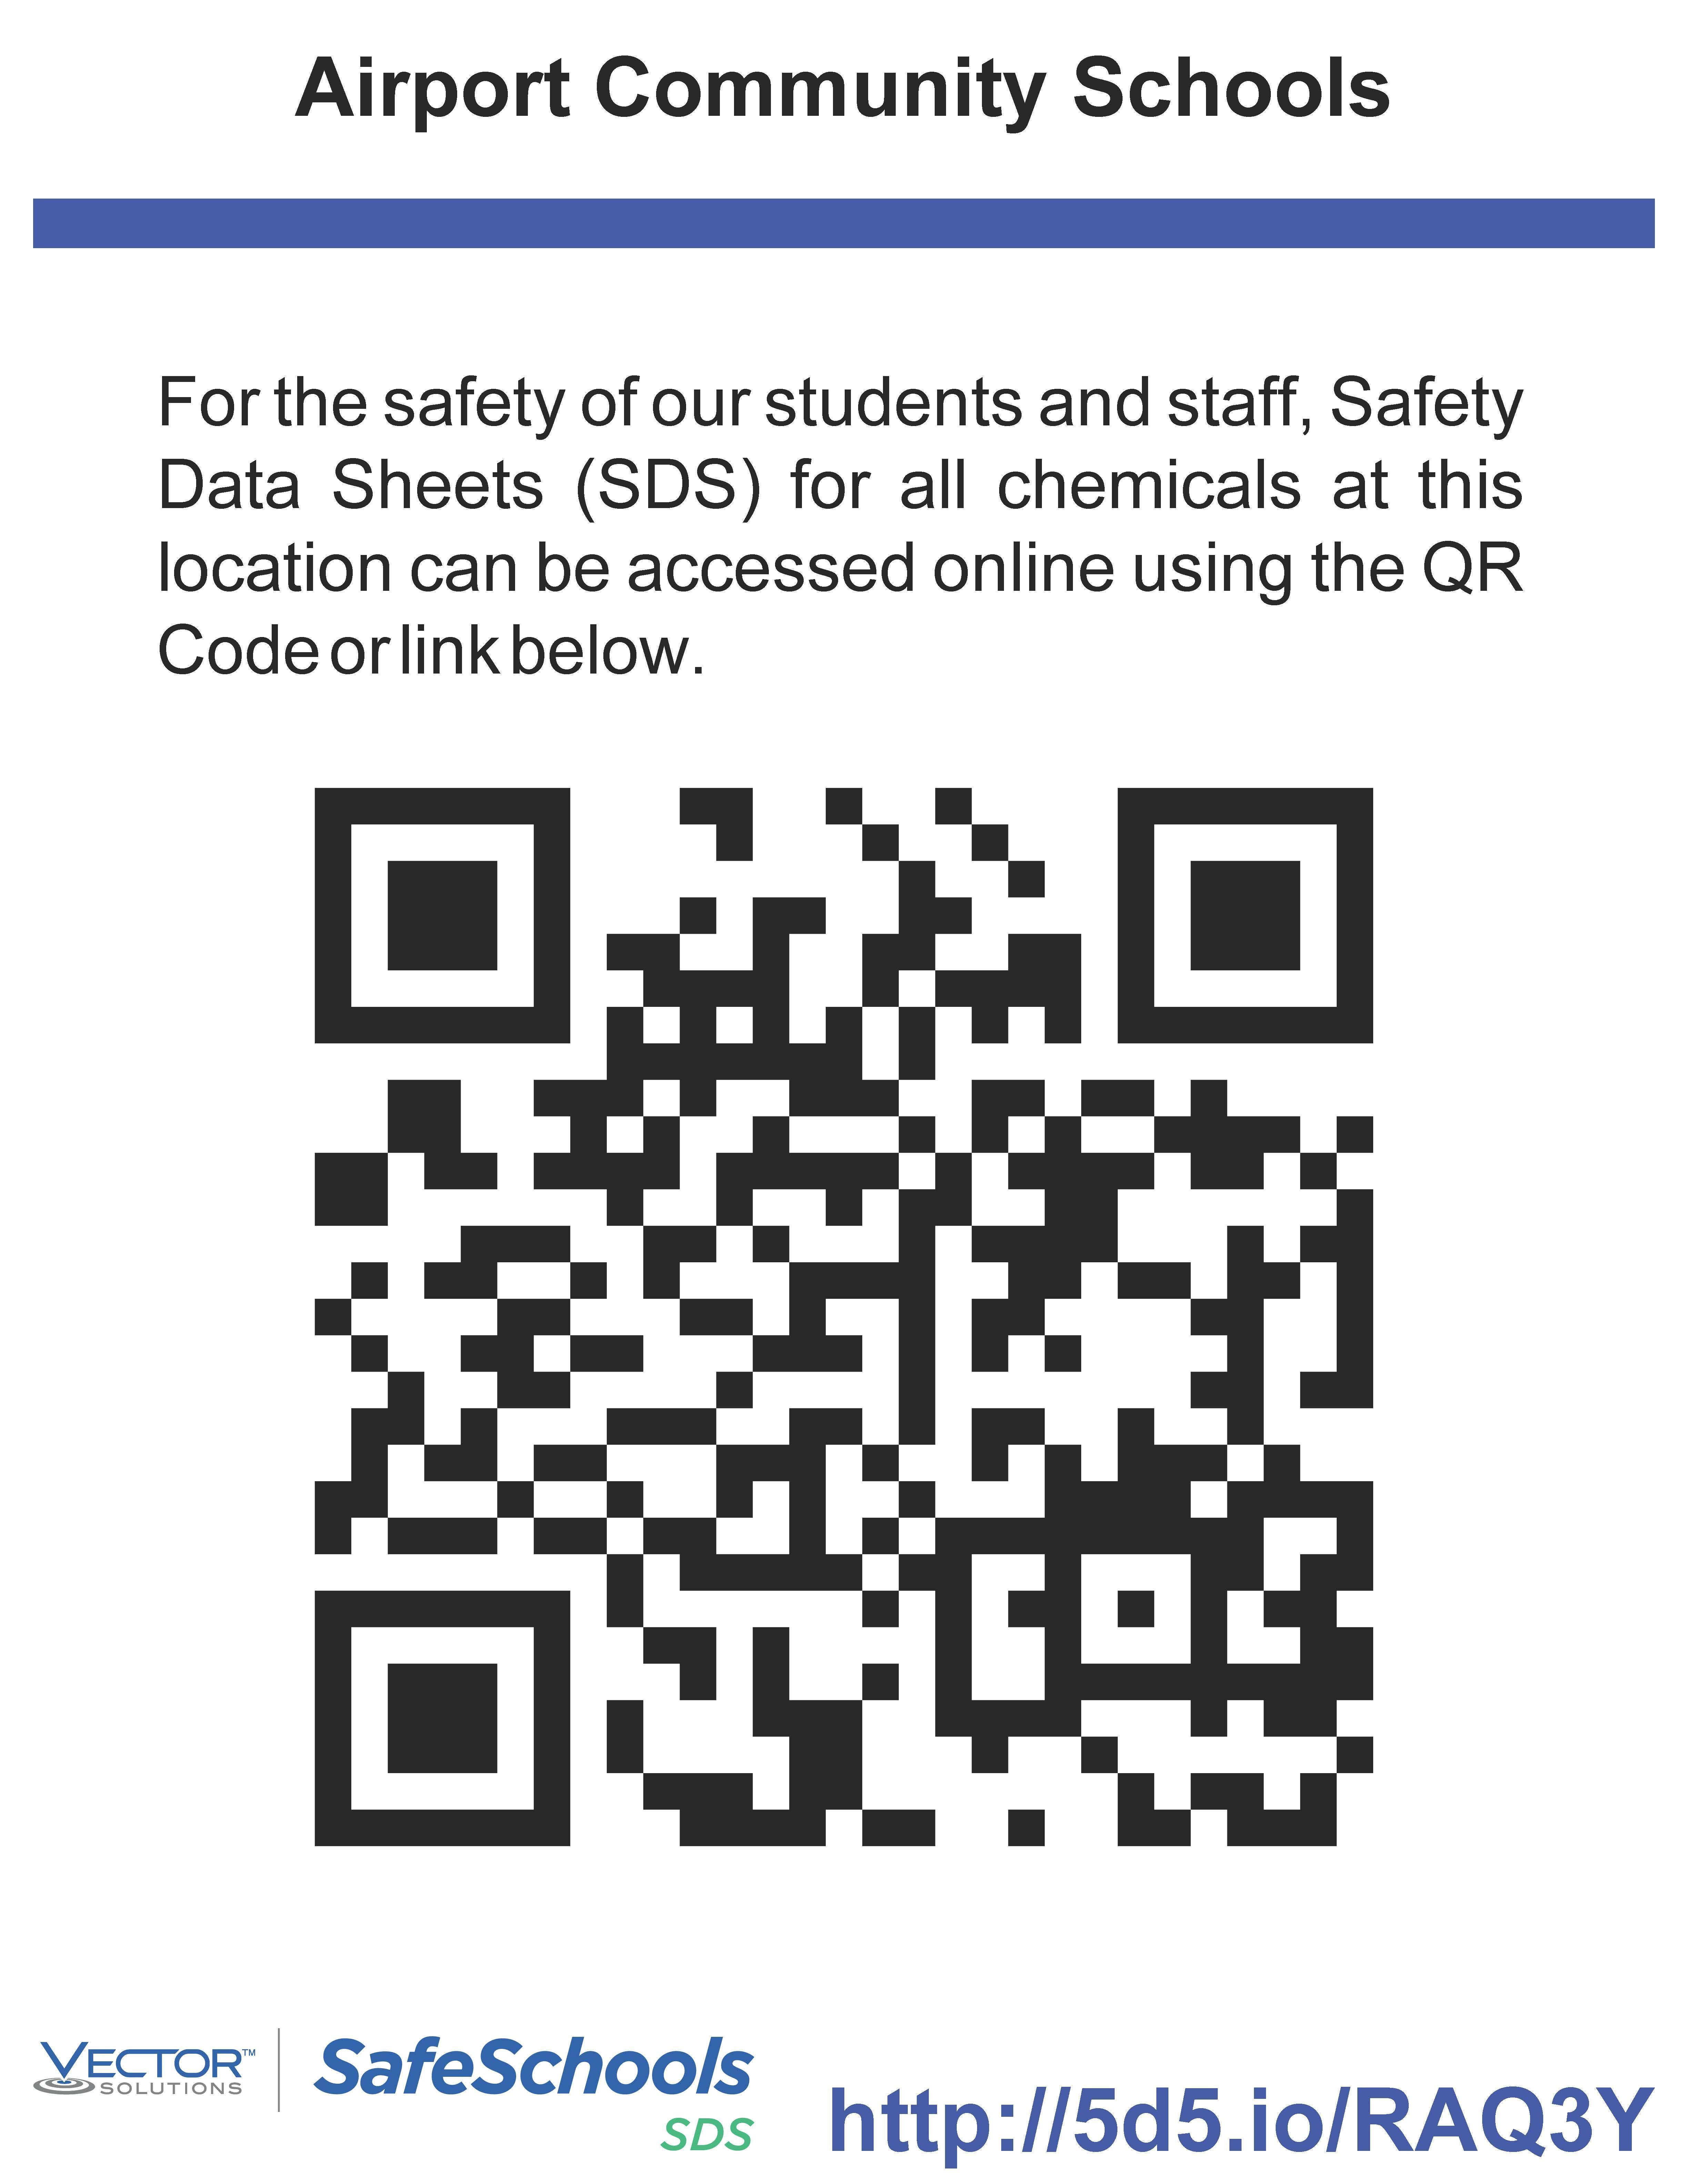 Saftey Data Sheet QR Code